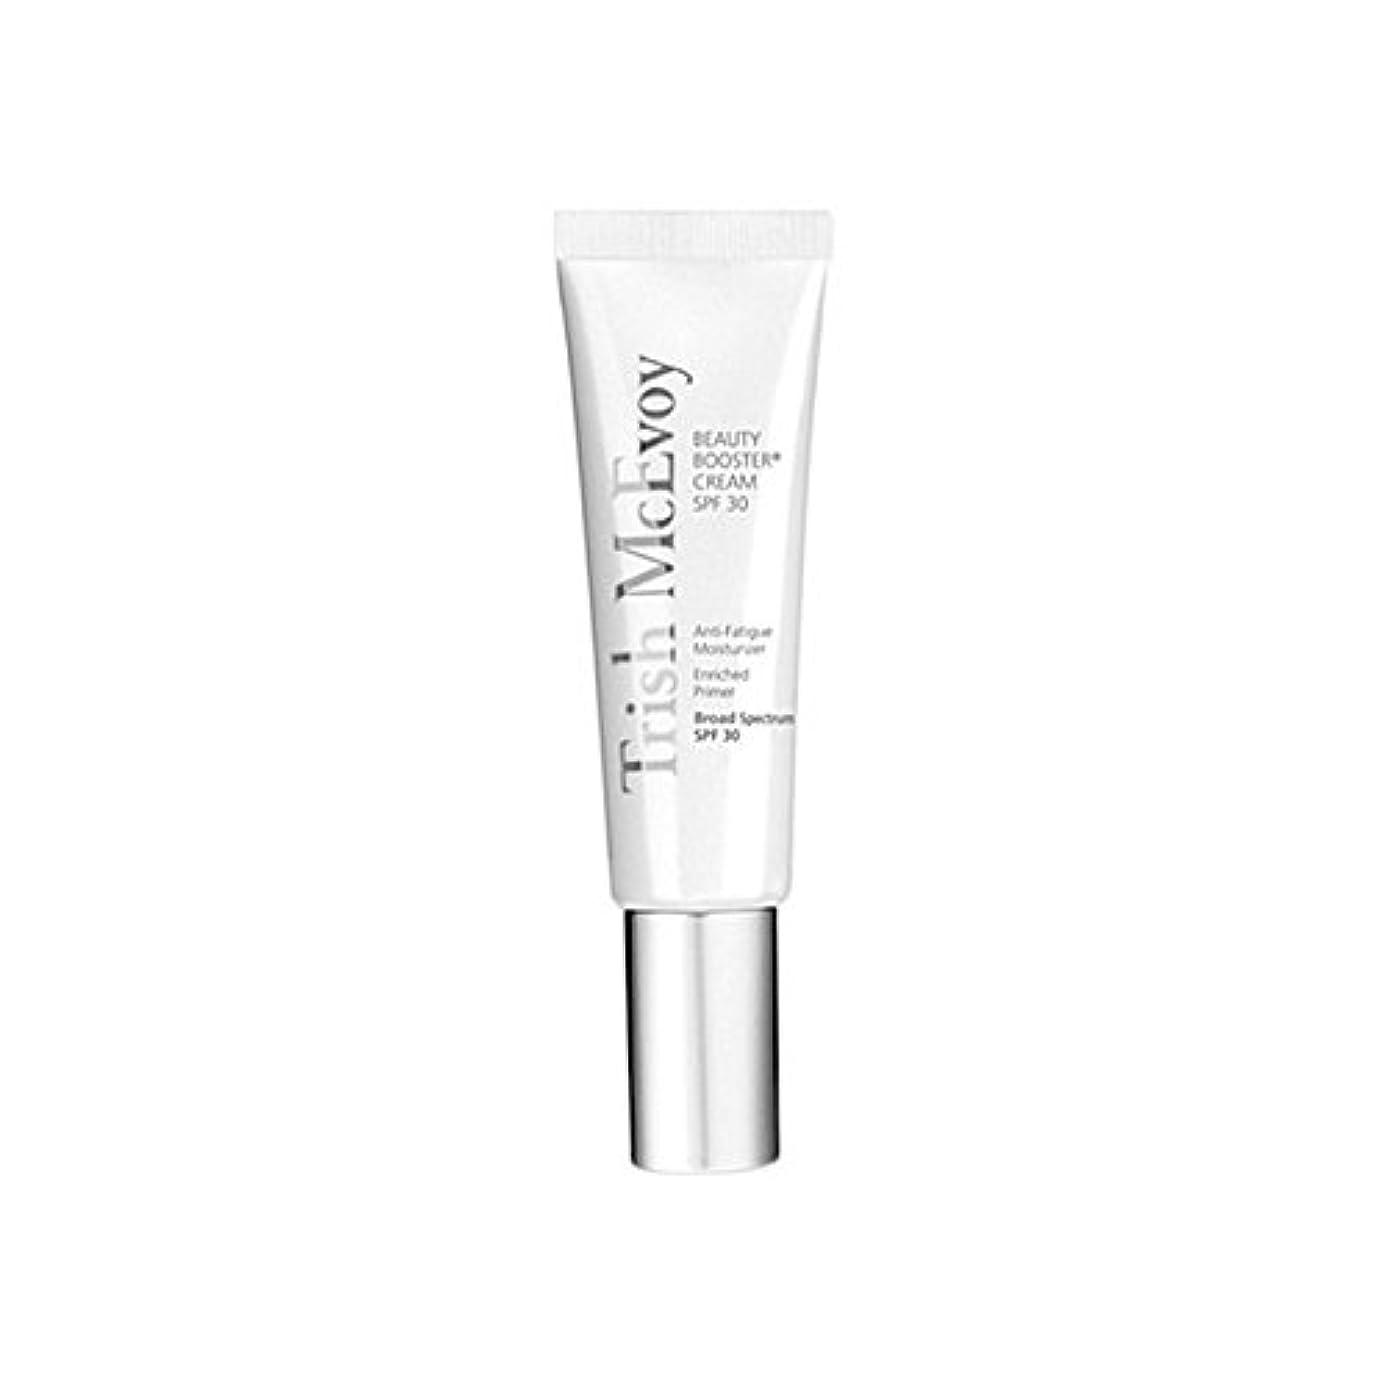 現代のタービンスパイラルTrish Mcevoy Beauty Booster Cream Spf 30 55ml (Pack of 6) - トリッシュ?マクエボイの美しブースタークリーム 30 55ミリリットル x6 [並行輸入品]